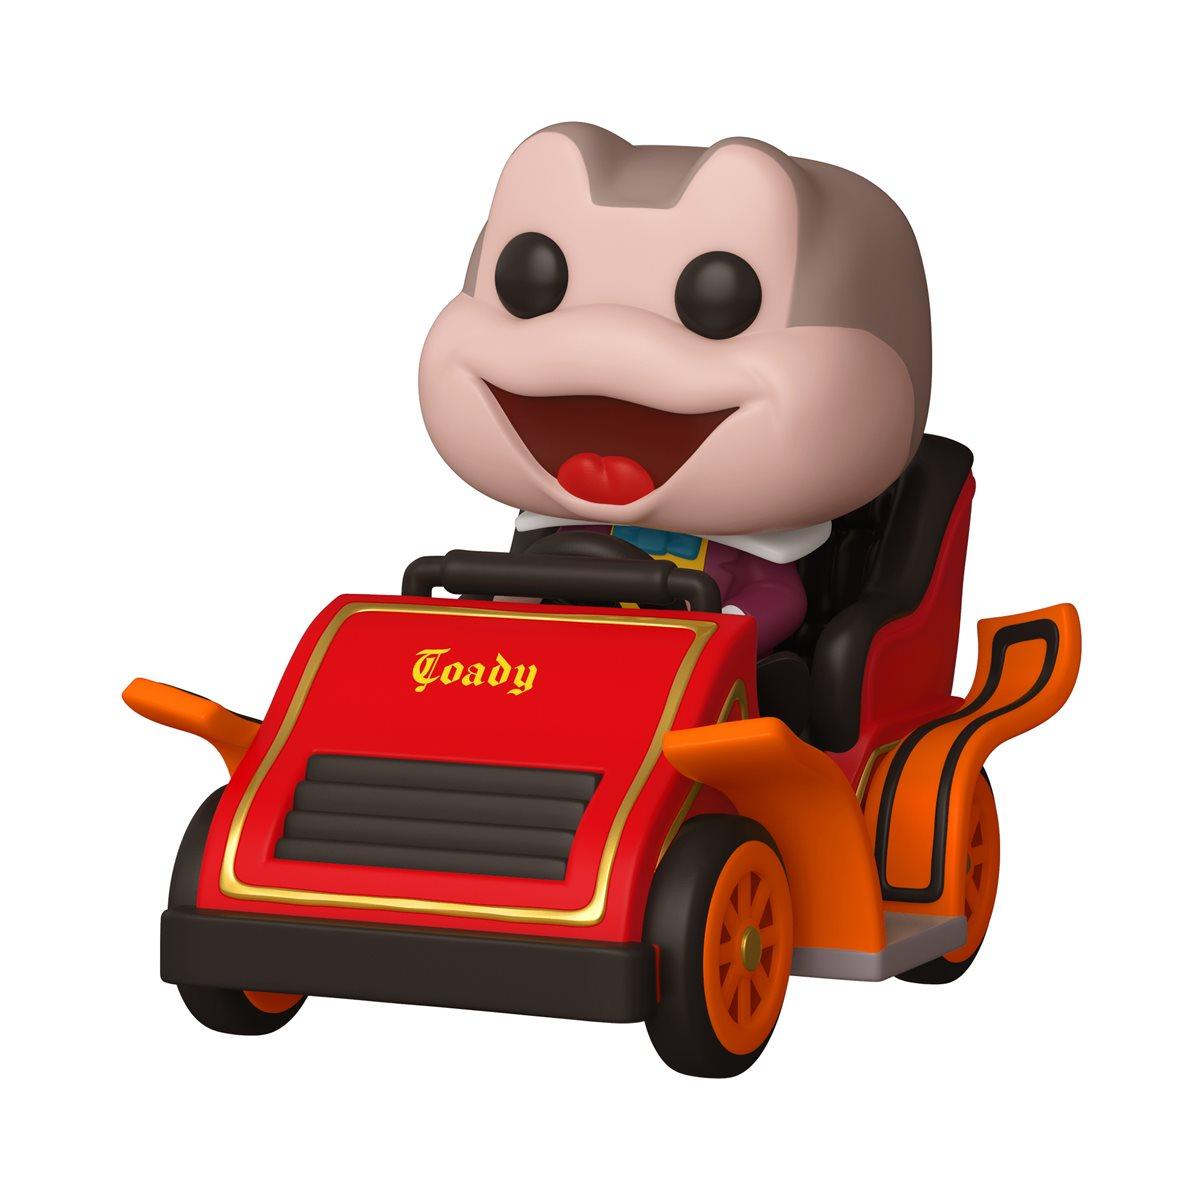 Funko Pop! Sr. Sapo na Atração de Passeio Selvagem do Sr. Toad: Aniversário de 65 anos da Disneylândia #89 - Funko